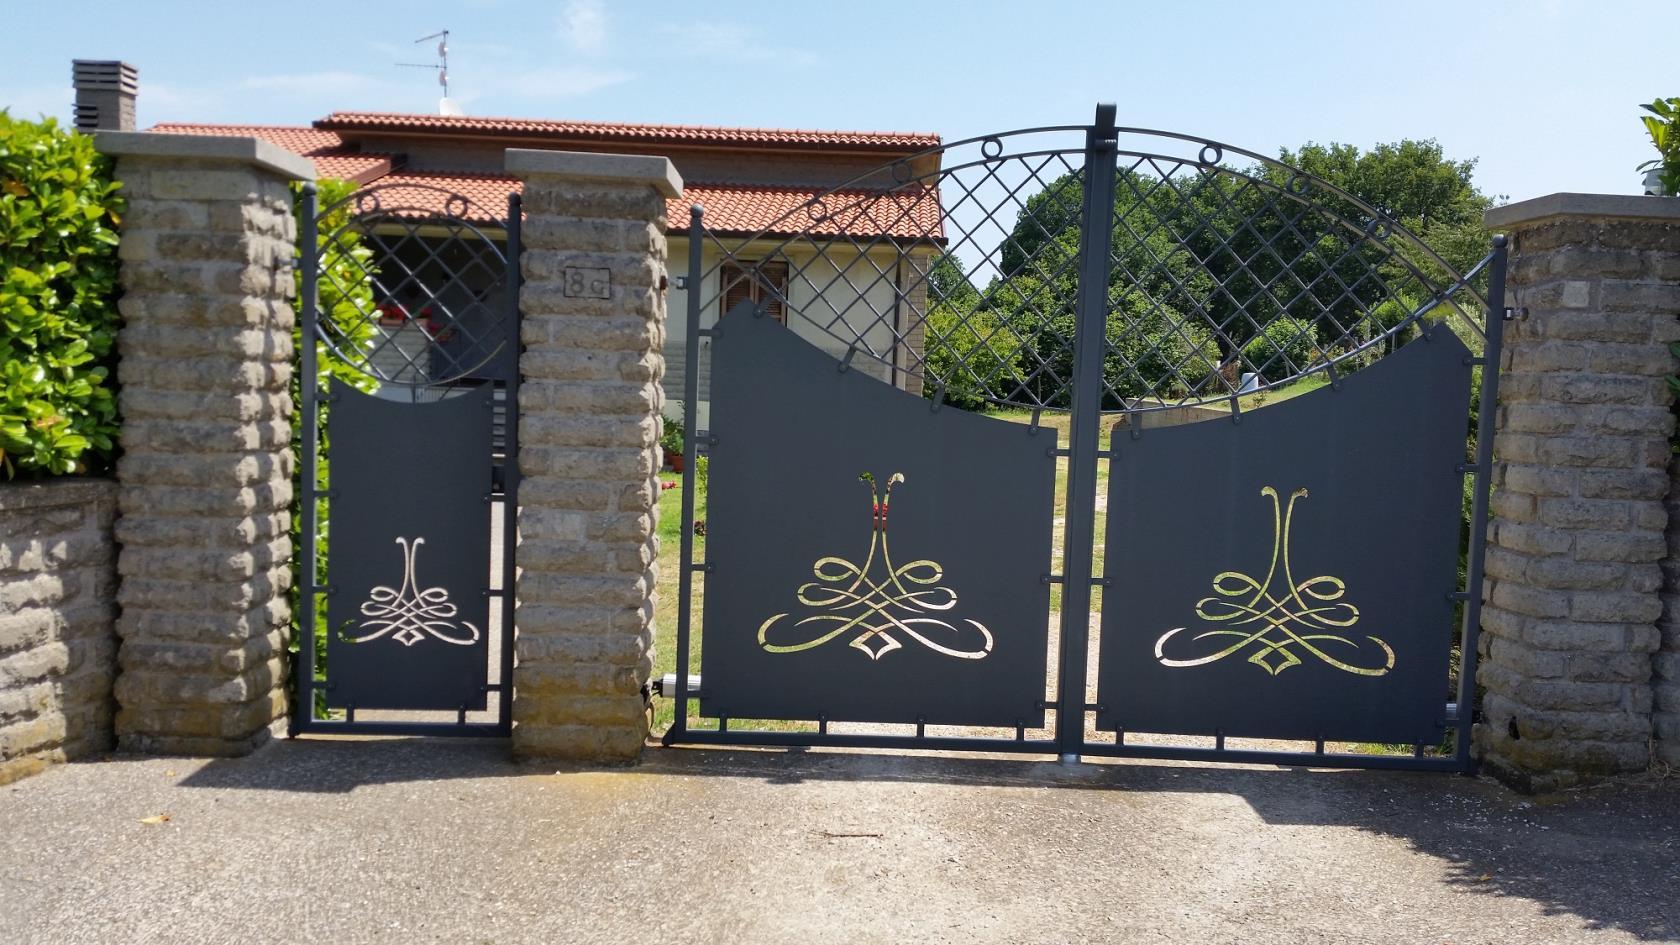 Foto cancelli in ferro simple cancelli in ferro battuto for Immagini cancelli in ferro